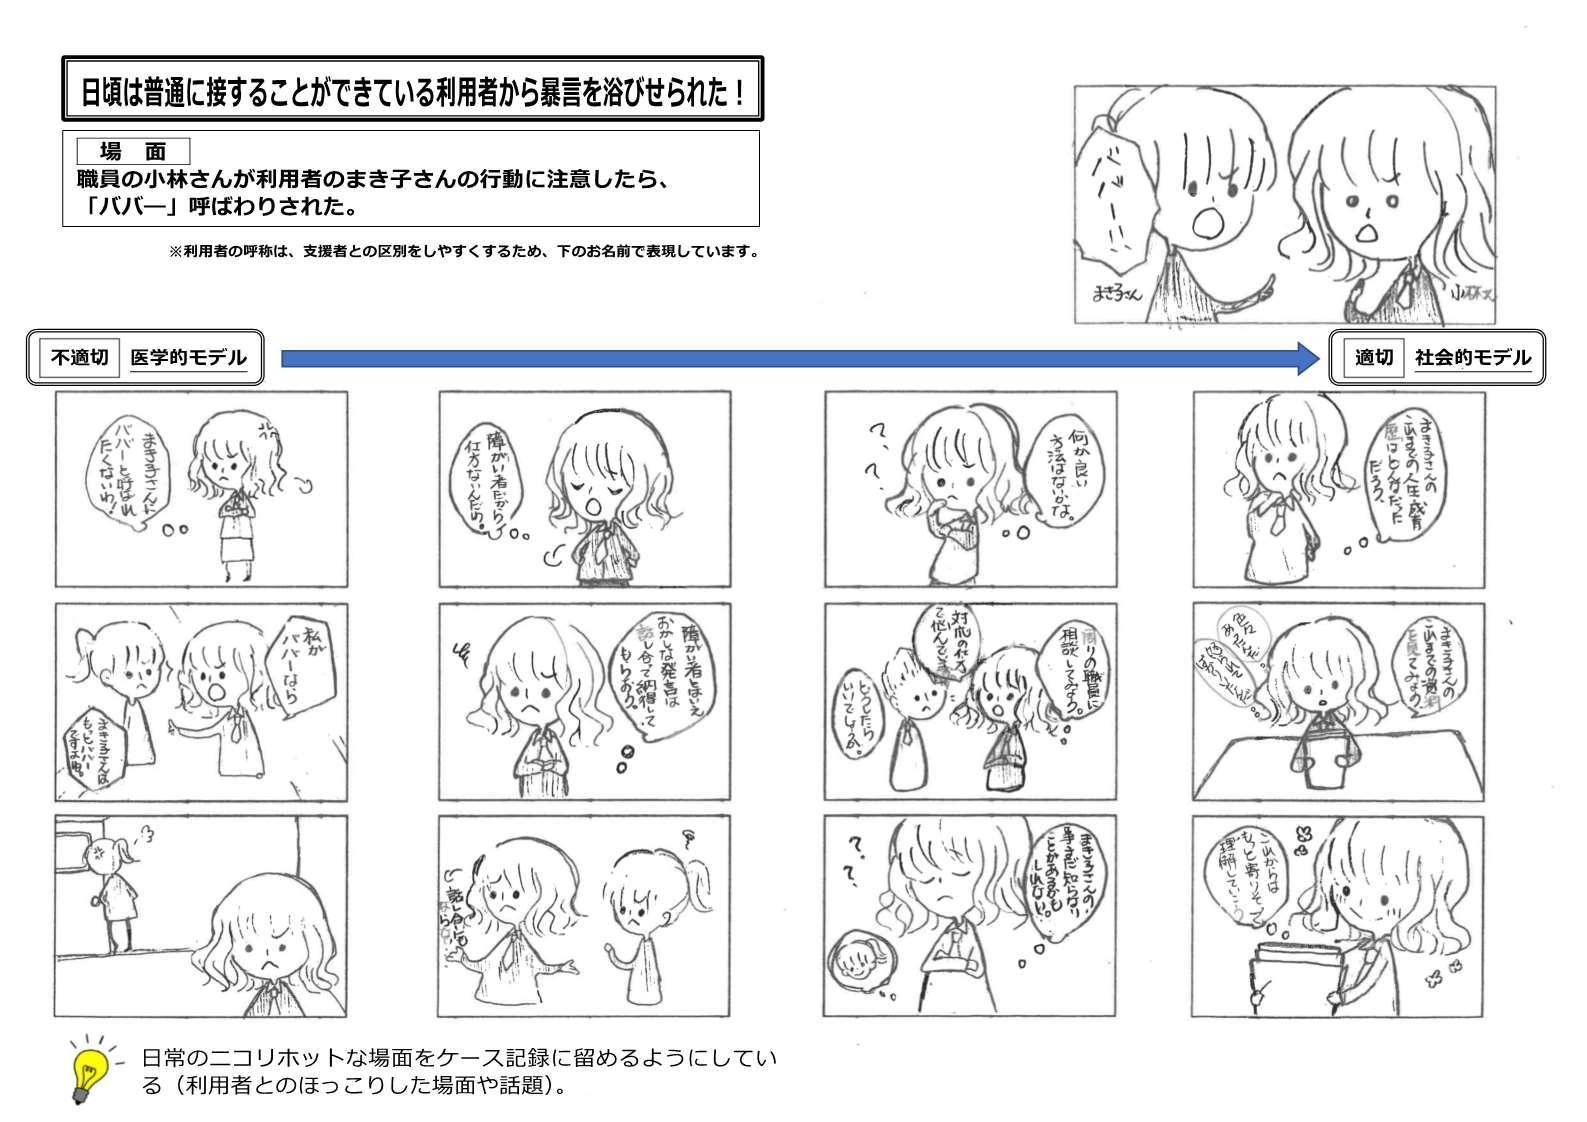 12絵コンテ(日頃は~)